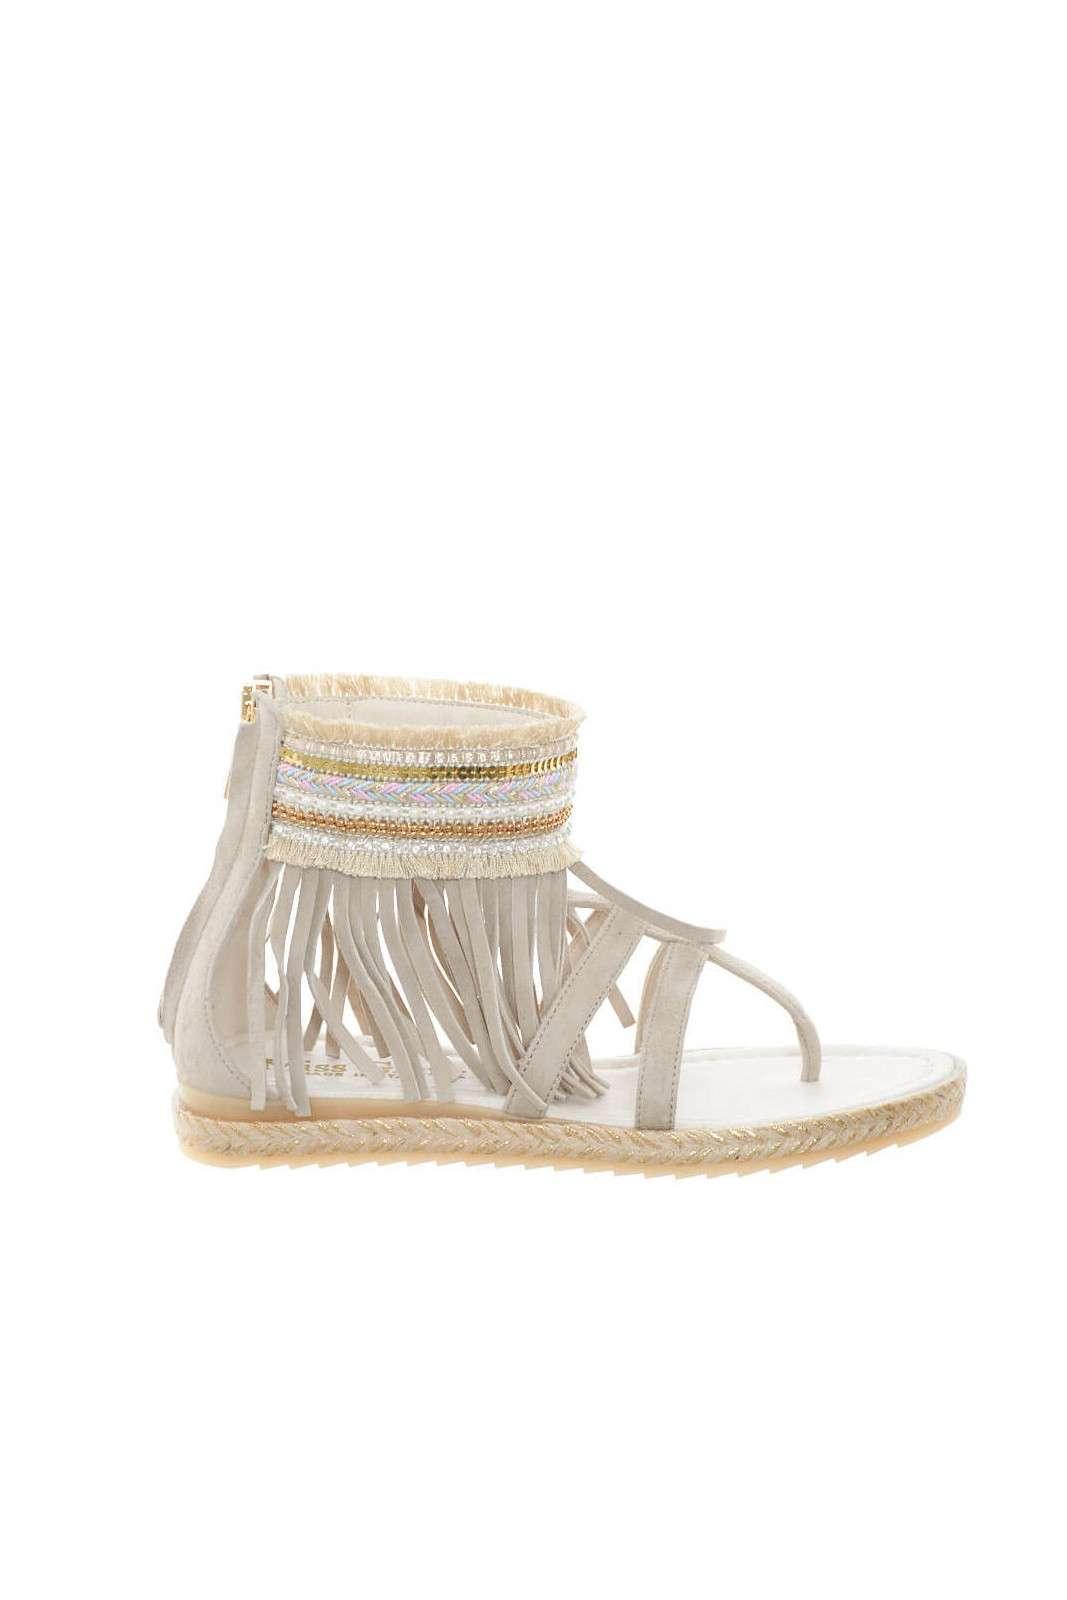 Un sandalo particolare, quello firmato Miss Grant, per la bambina che ama sperimentare sempre nuovi look. Le frange applicate, regalano uno stile unico, fashion e moderno, perfetto per abbinamenti attuali e al passo con la moda.